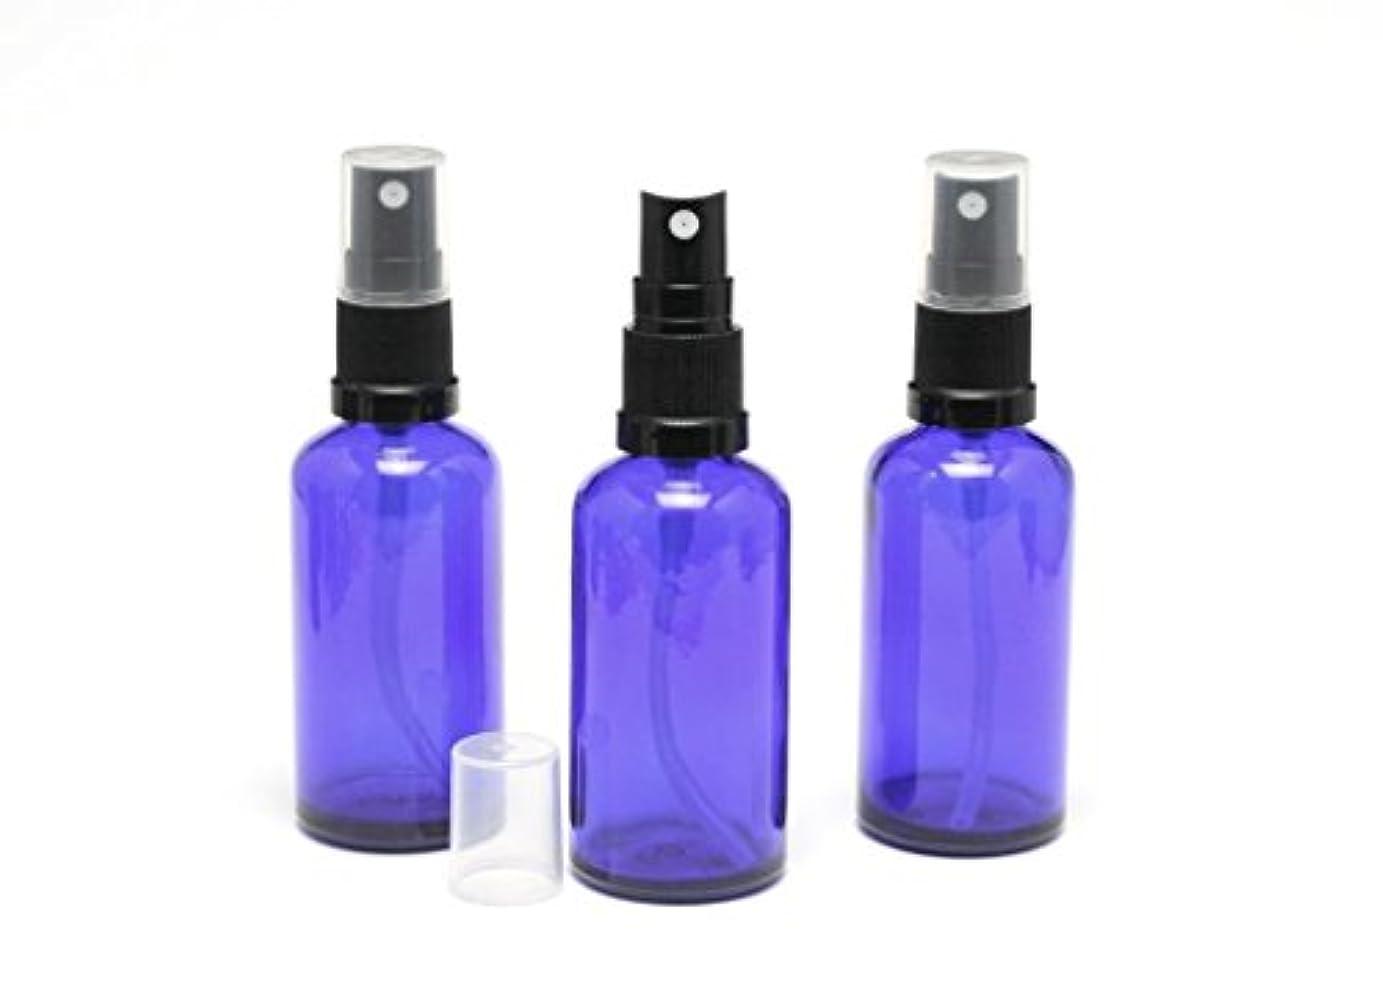 ダメージモーテル溶接遮光瓶/スプレーボトル (グラス/アトマイザー) 50ml ブルー/ブラックヘッド 3本セット 【 新品アウトレットセール 】